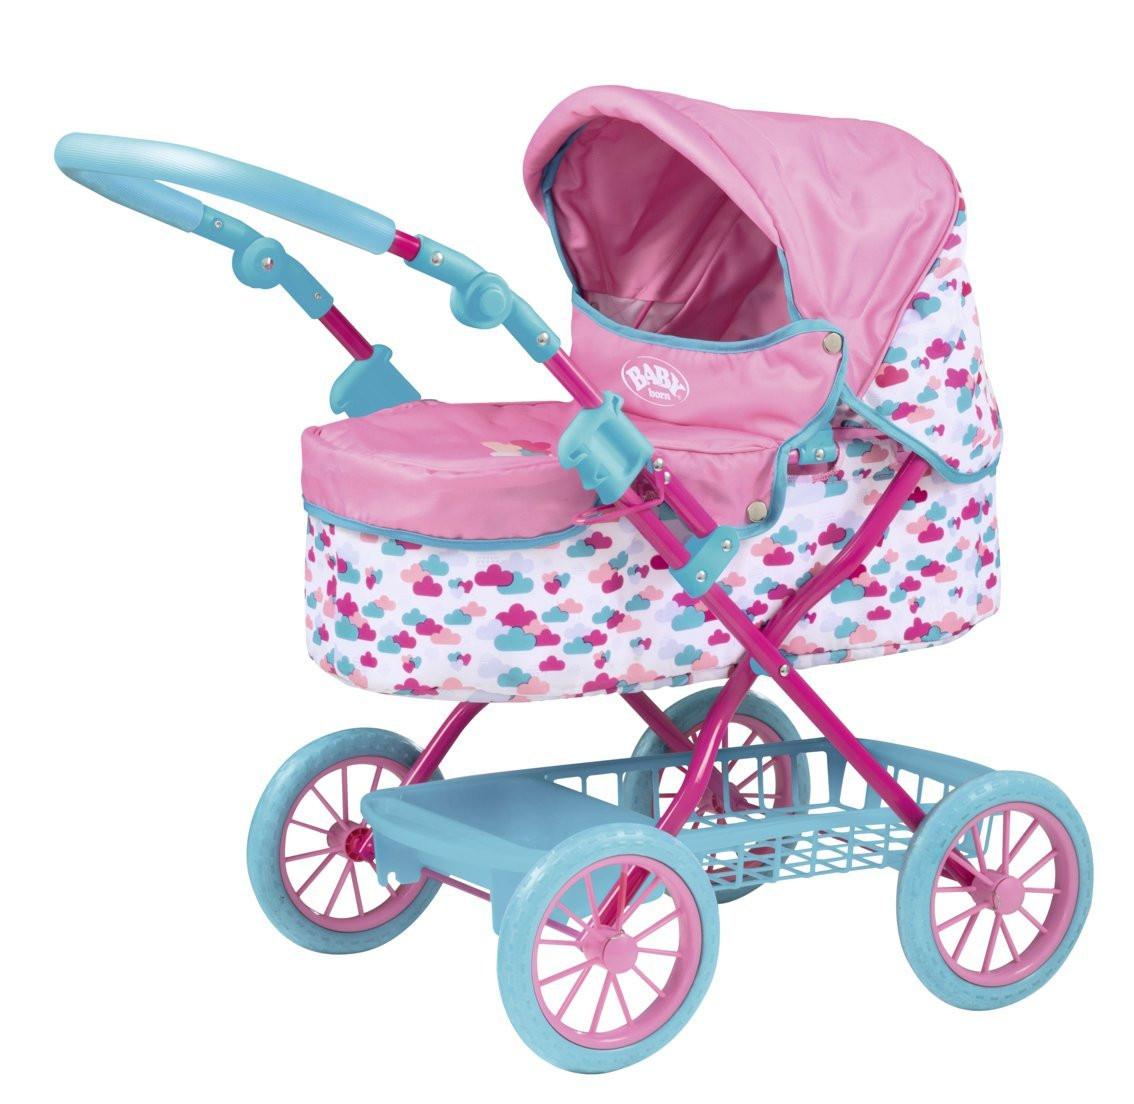 Коляска для кукол Беби Борн Baby Born Zapf Creation 824115